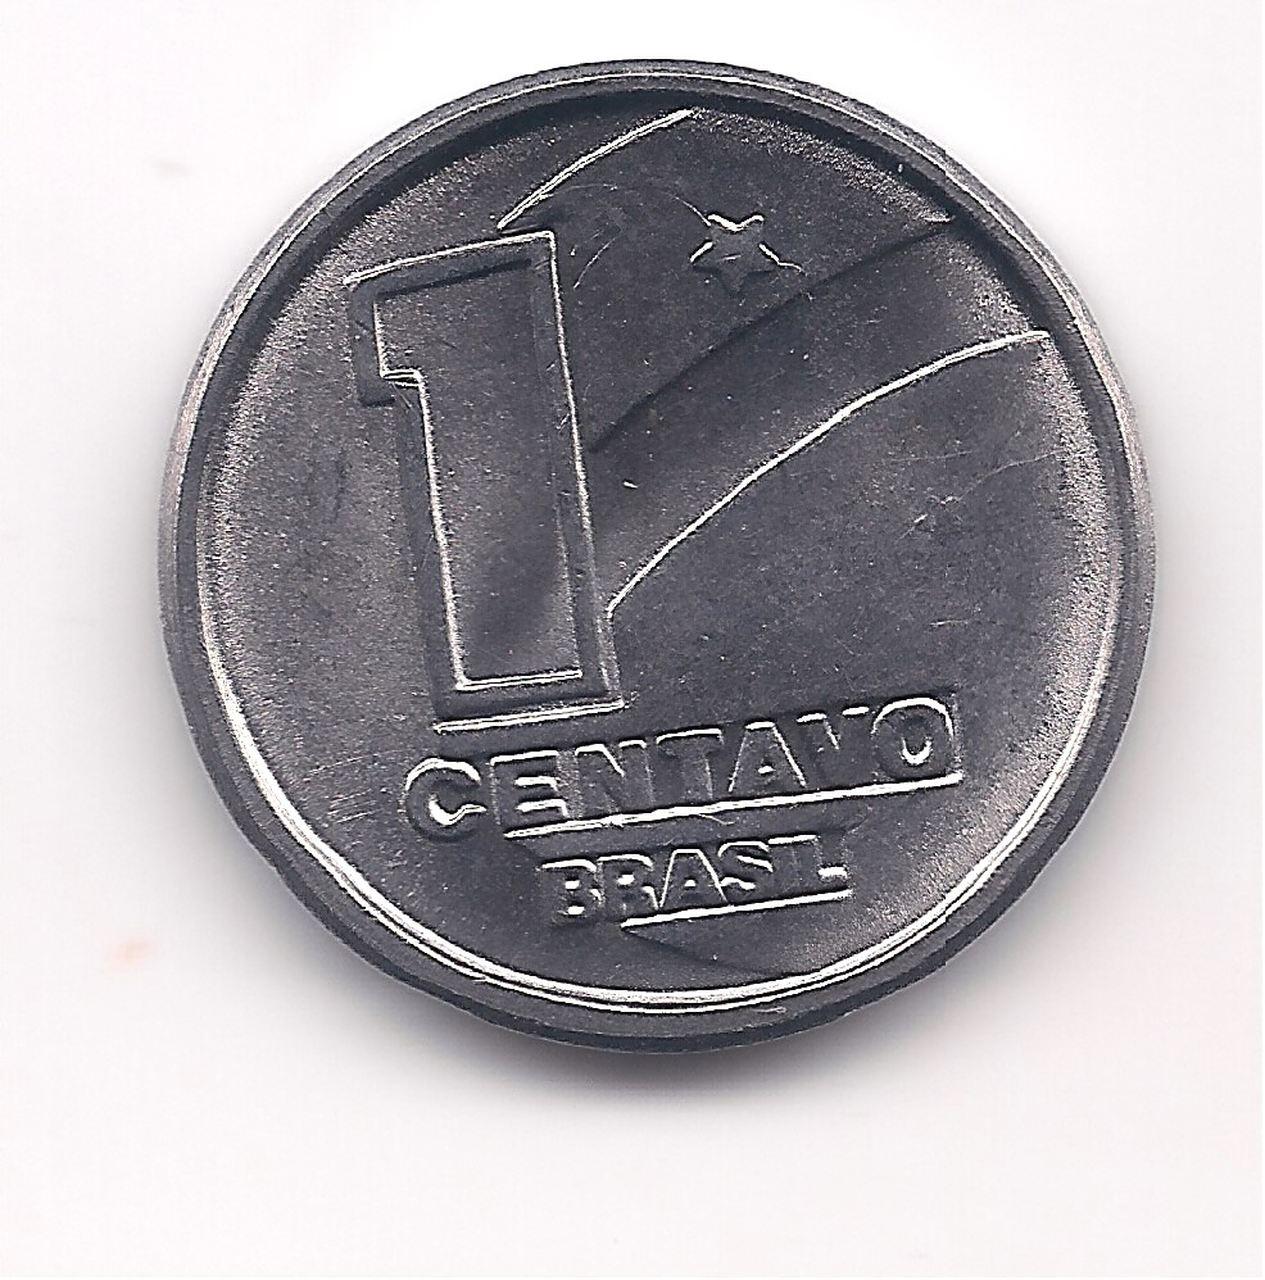 V405 - 1 centavo 1990 (Boiadeiro) SOB/FE